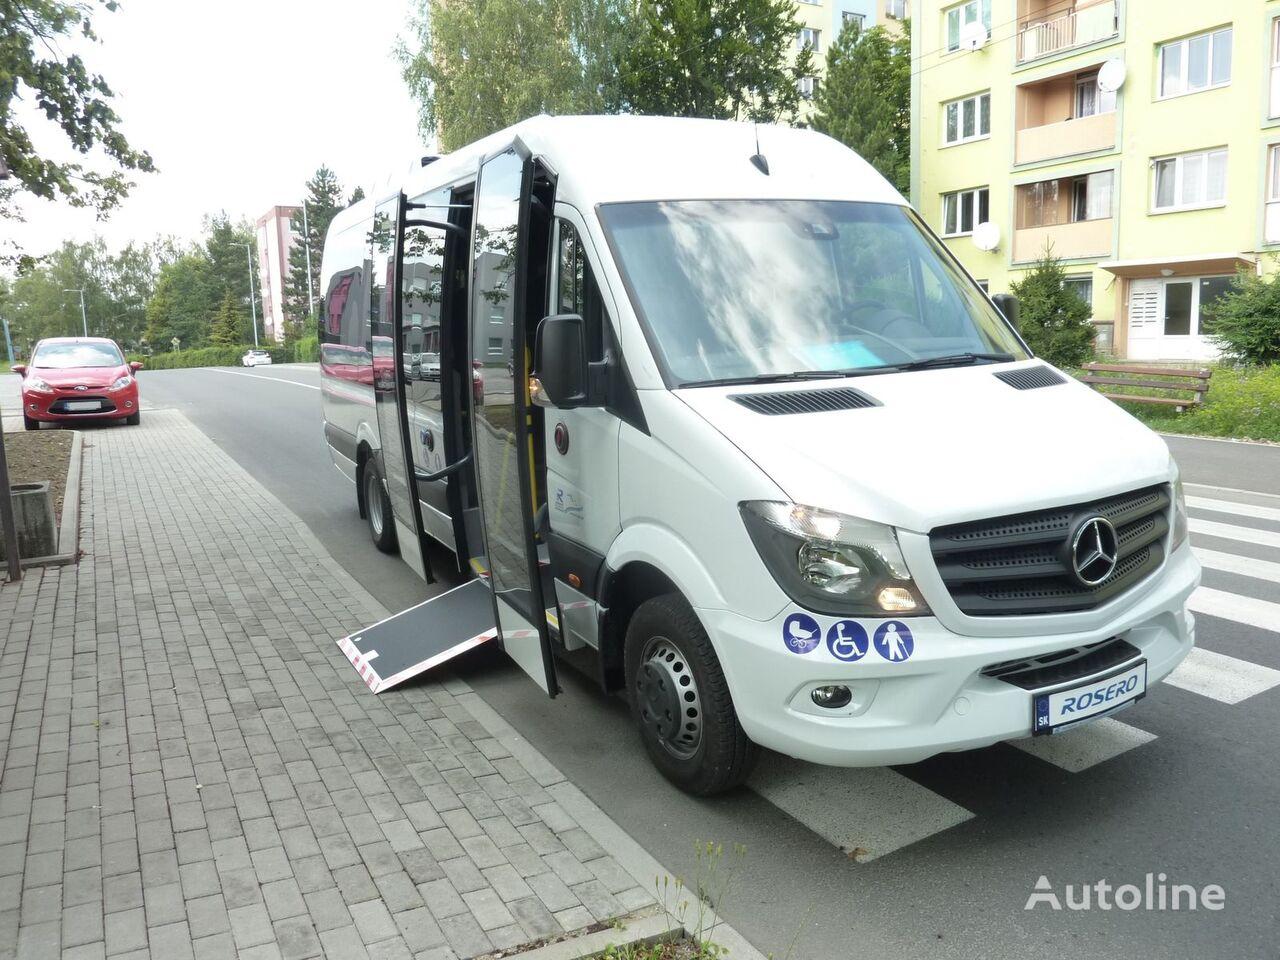 new MERCEDES-BENZ Sprinter 516 CDI city bus